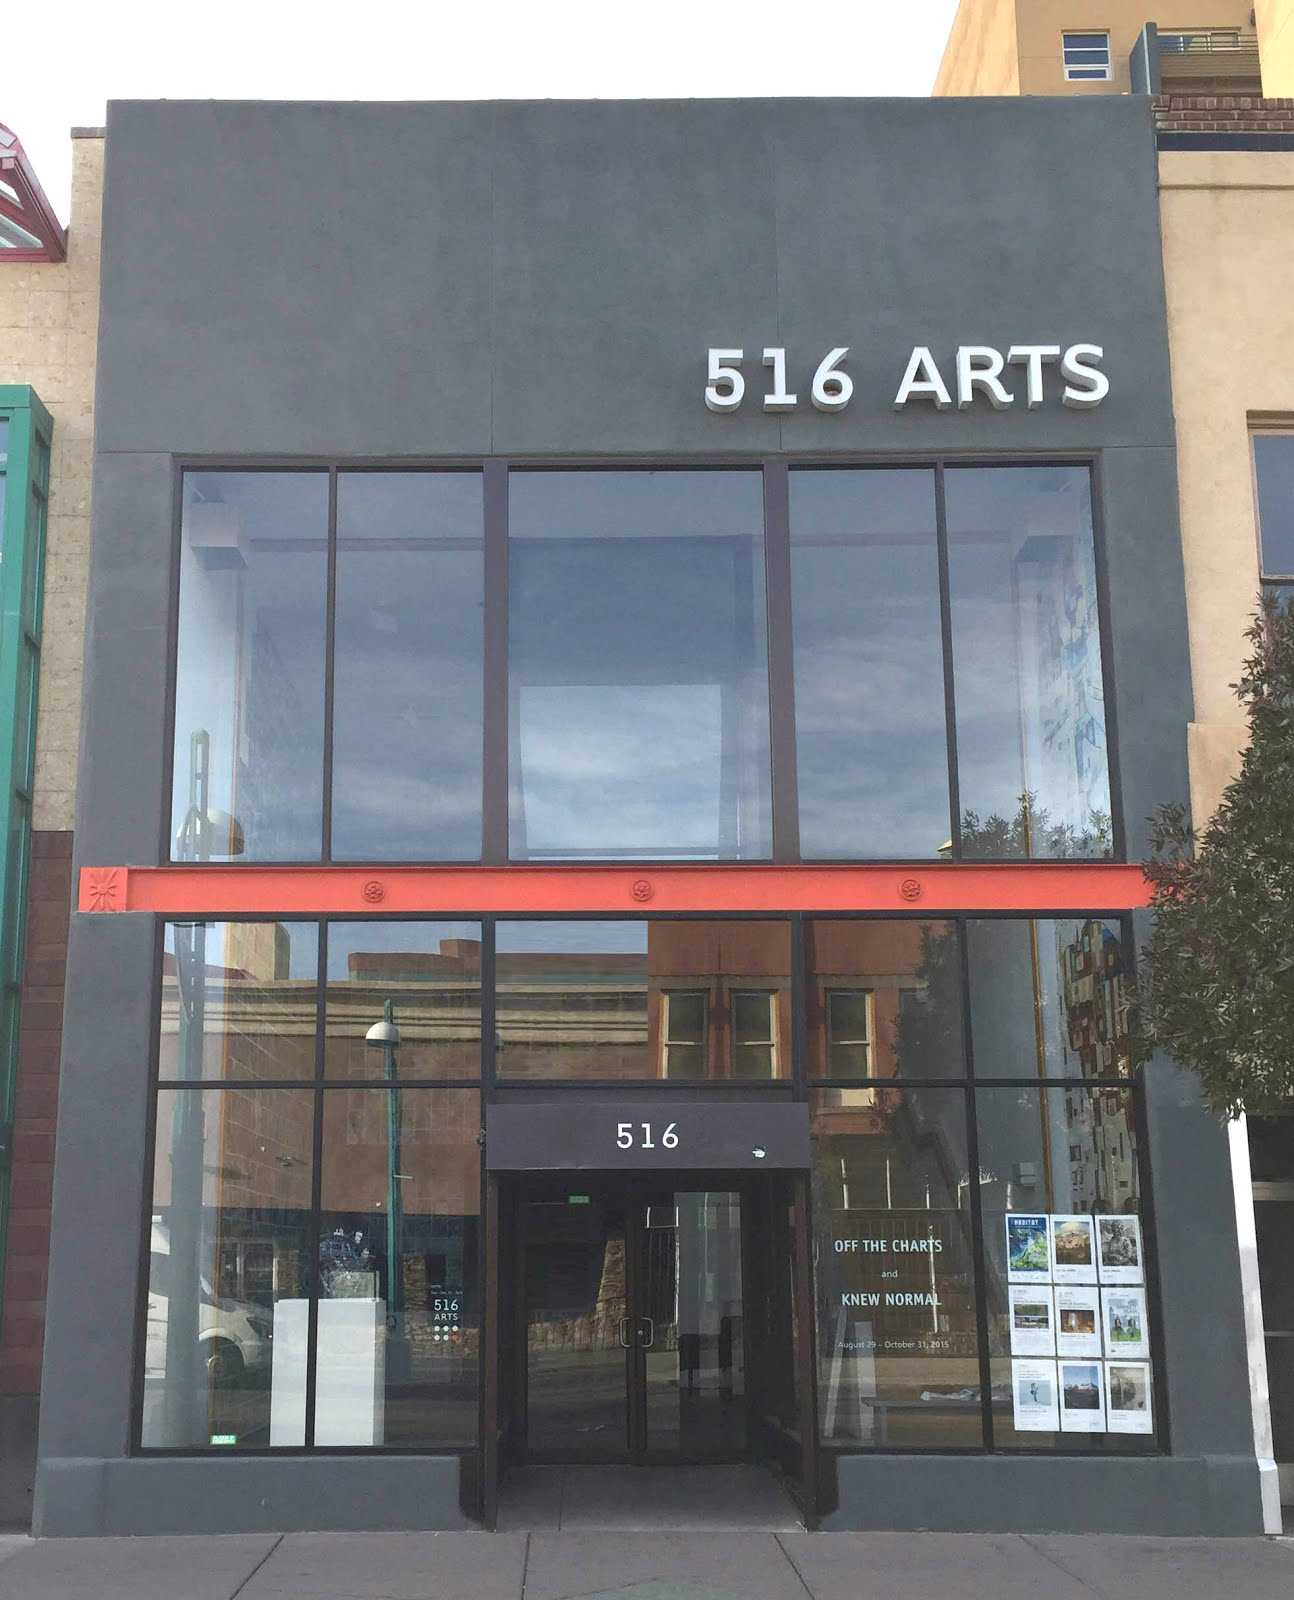 516 ARTS